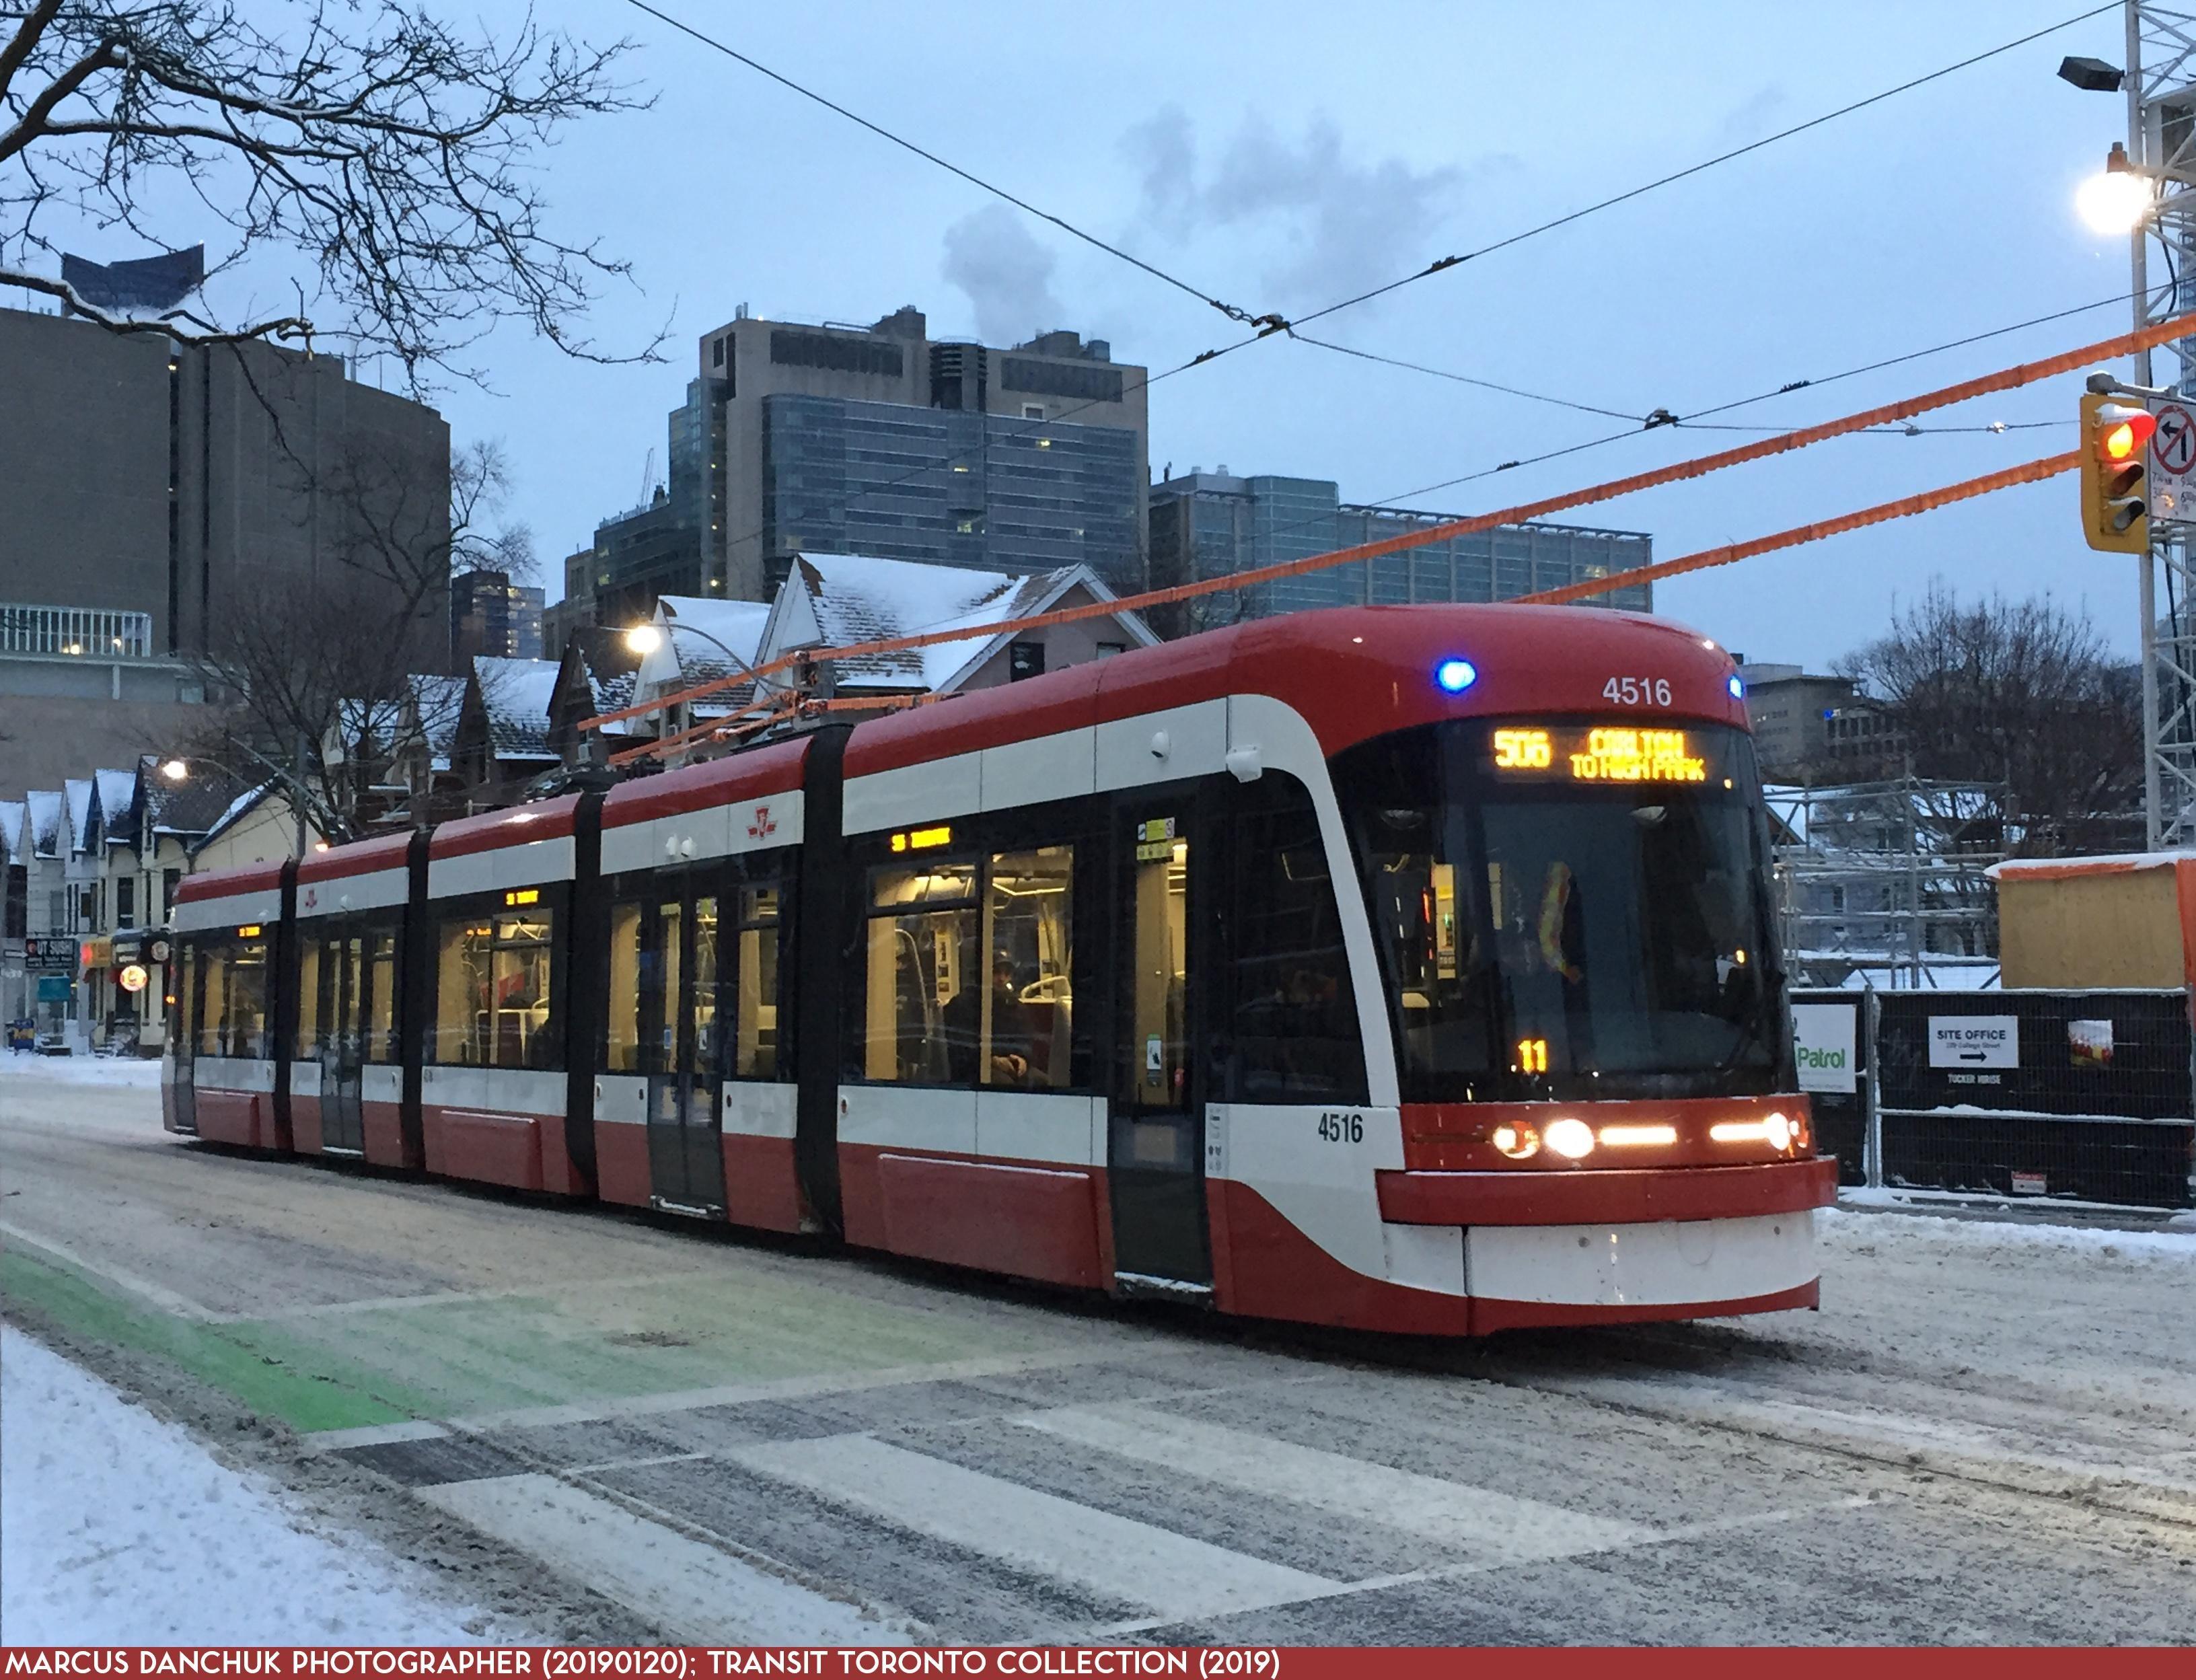 Ttc Toronto Bombardier Lrv Toronto Ontario Canada American Cities Toronto Ontario Toronto tram vehicle city night lights